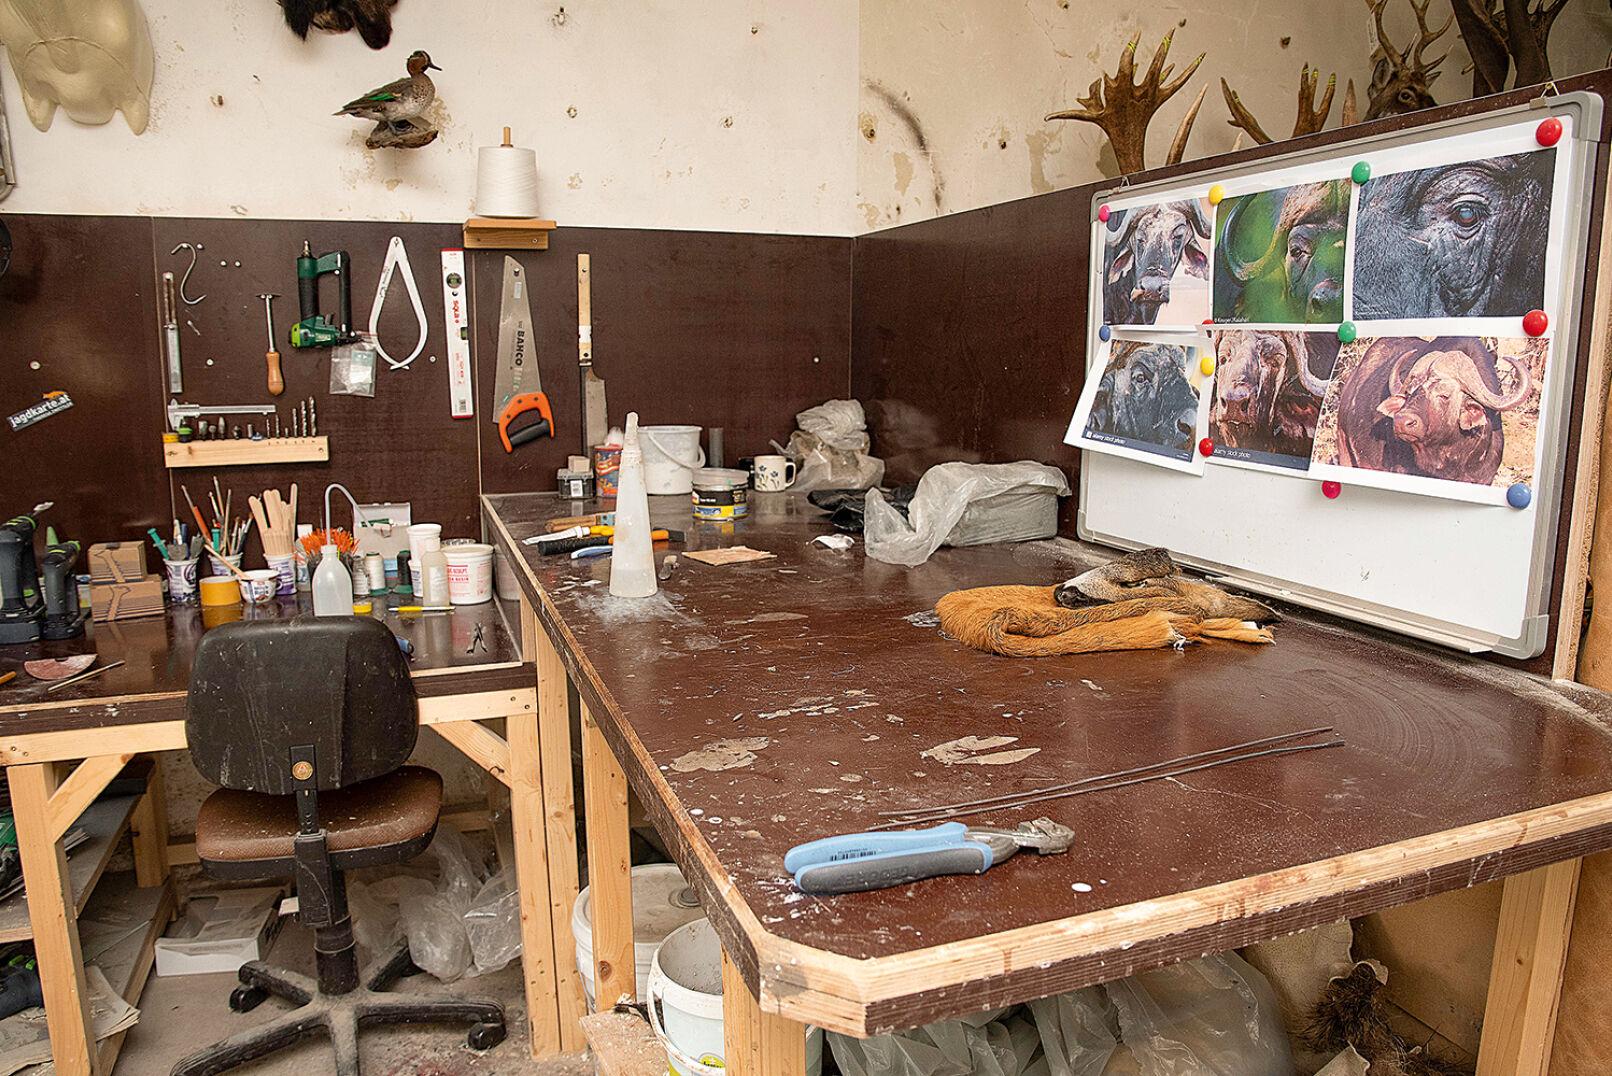 Die Arbeitsfläche bietet Platz für Feinarbeiten. - © Barbara Marko